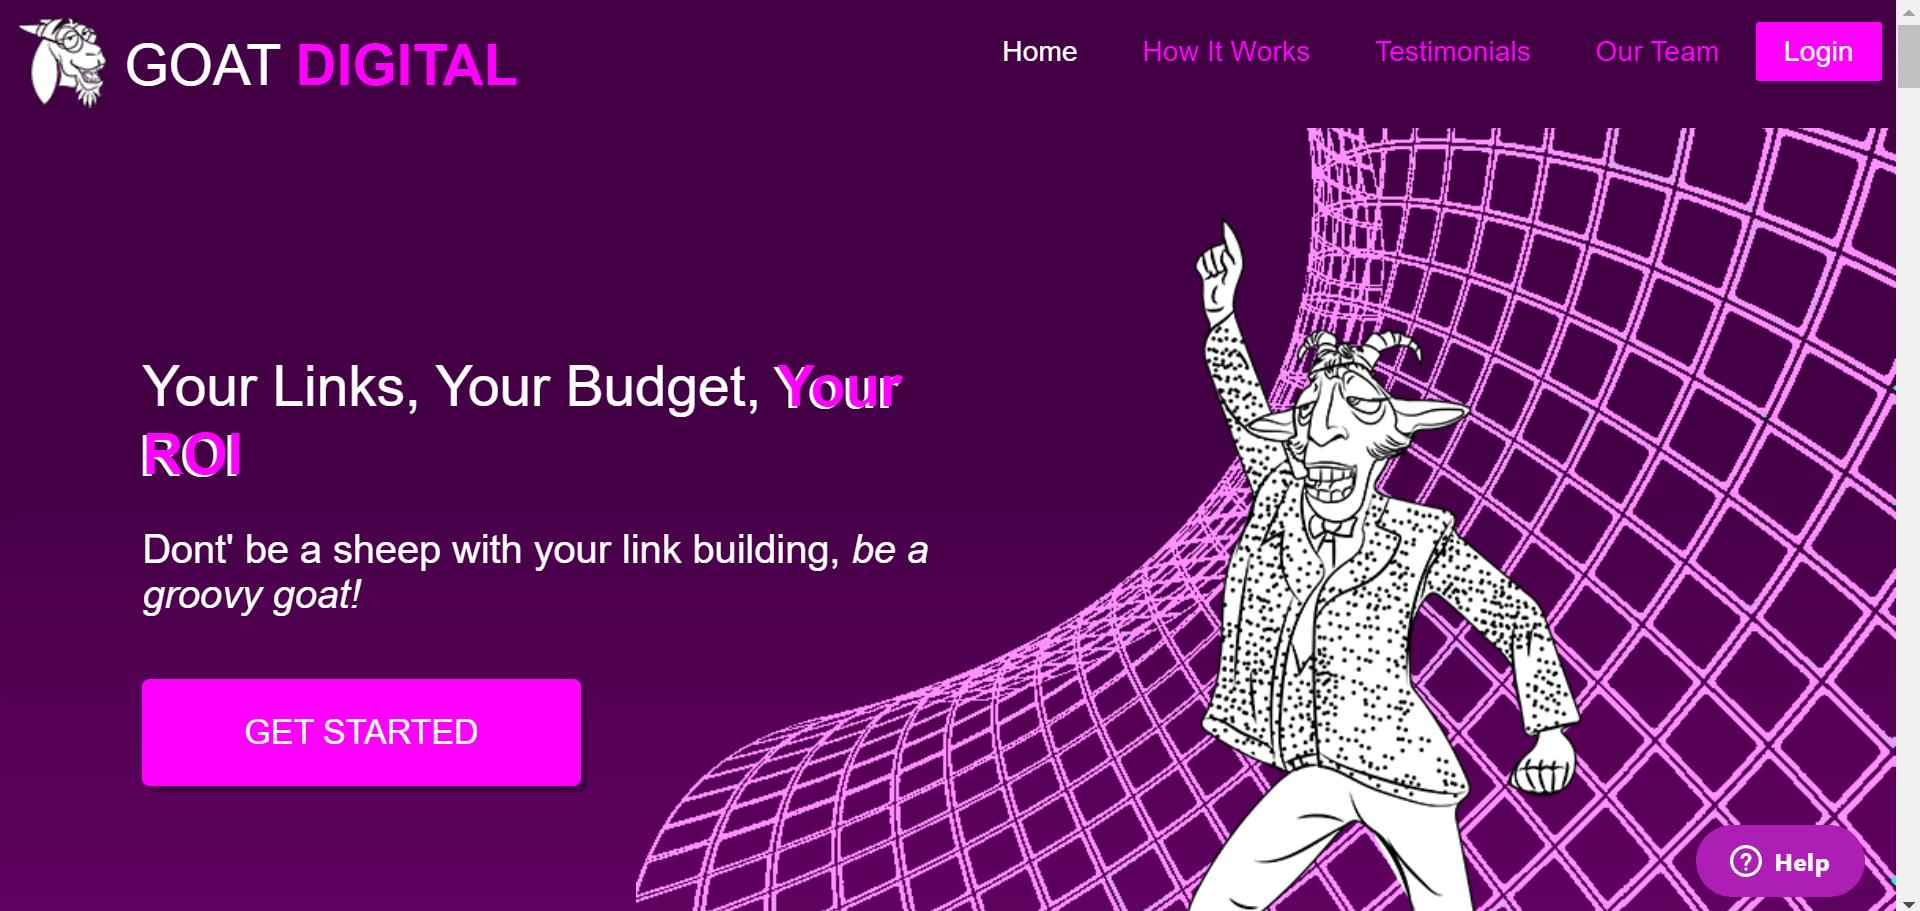 image of website GOAT DIGITAL